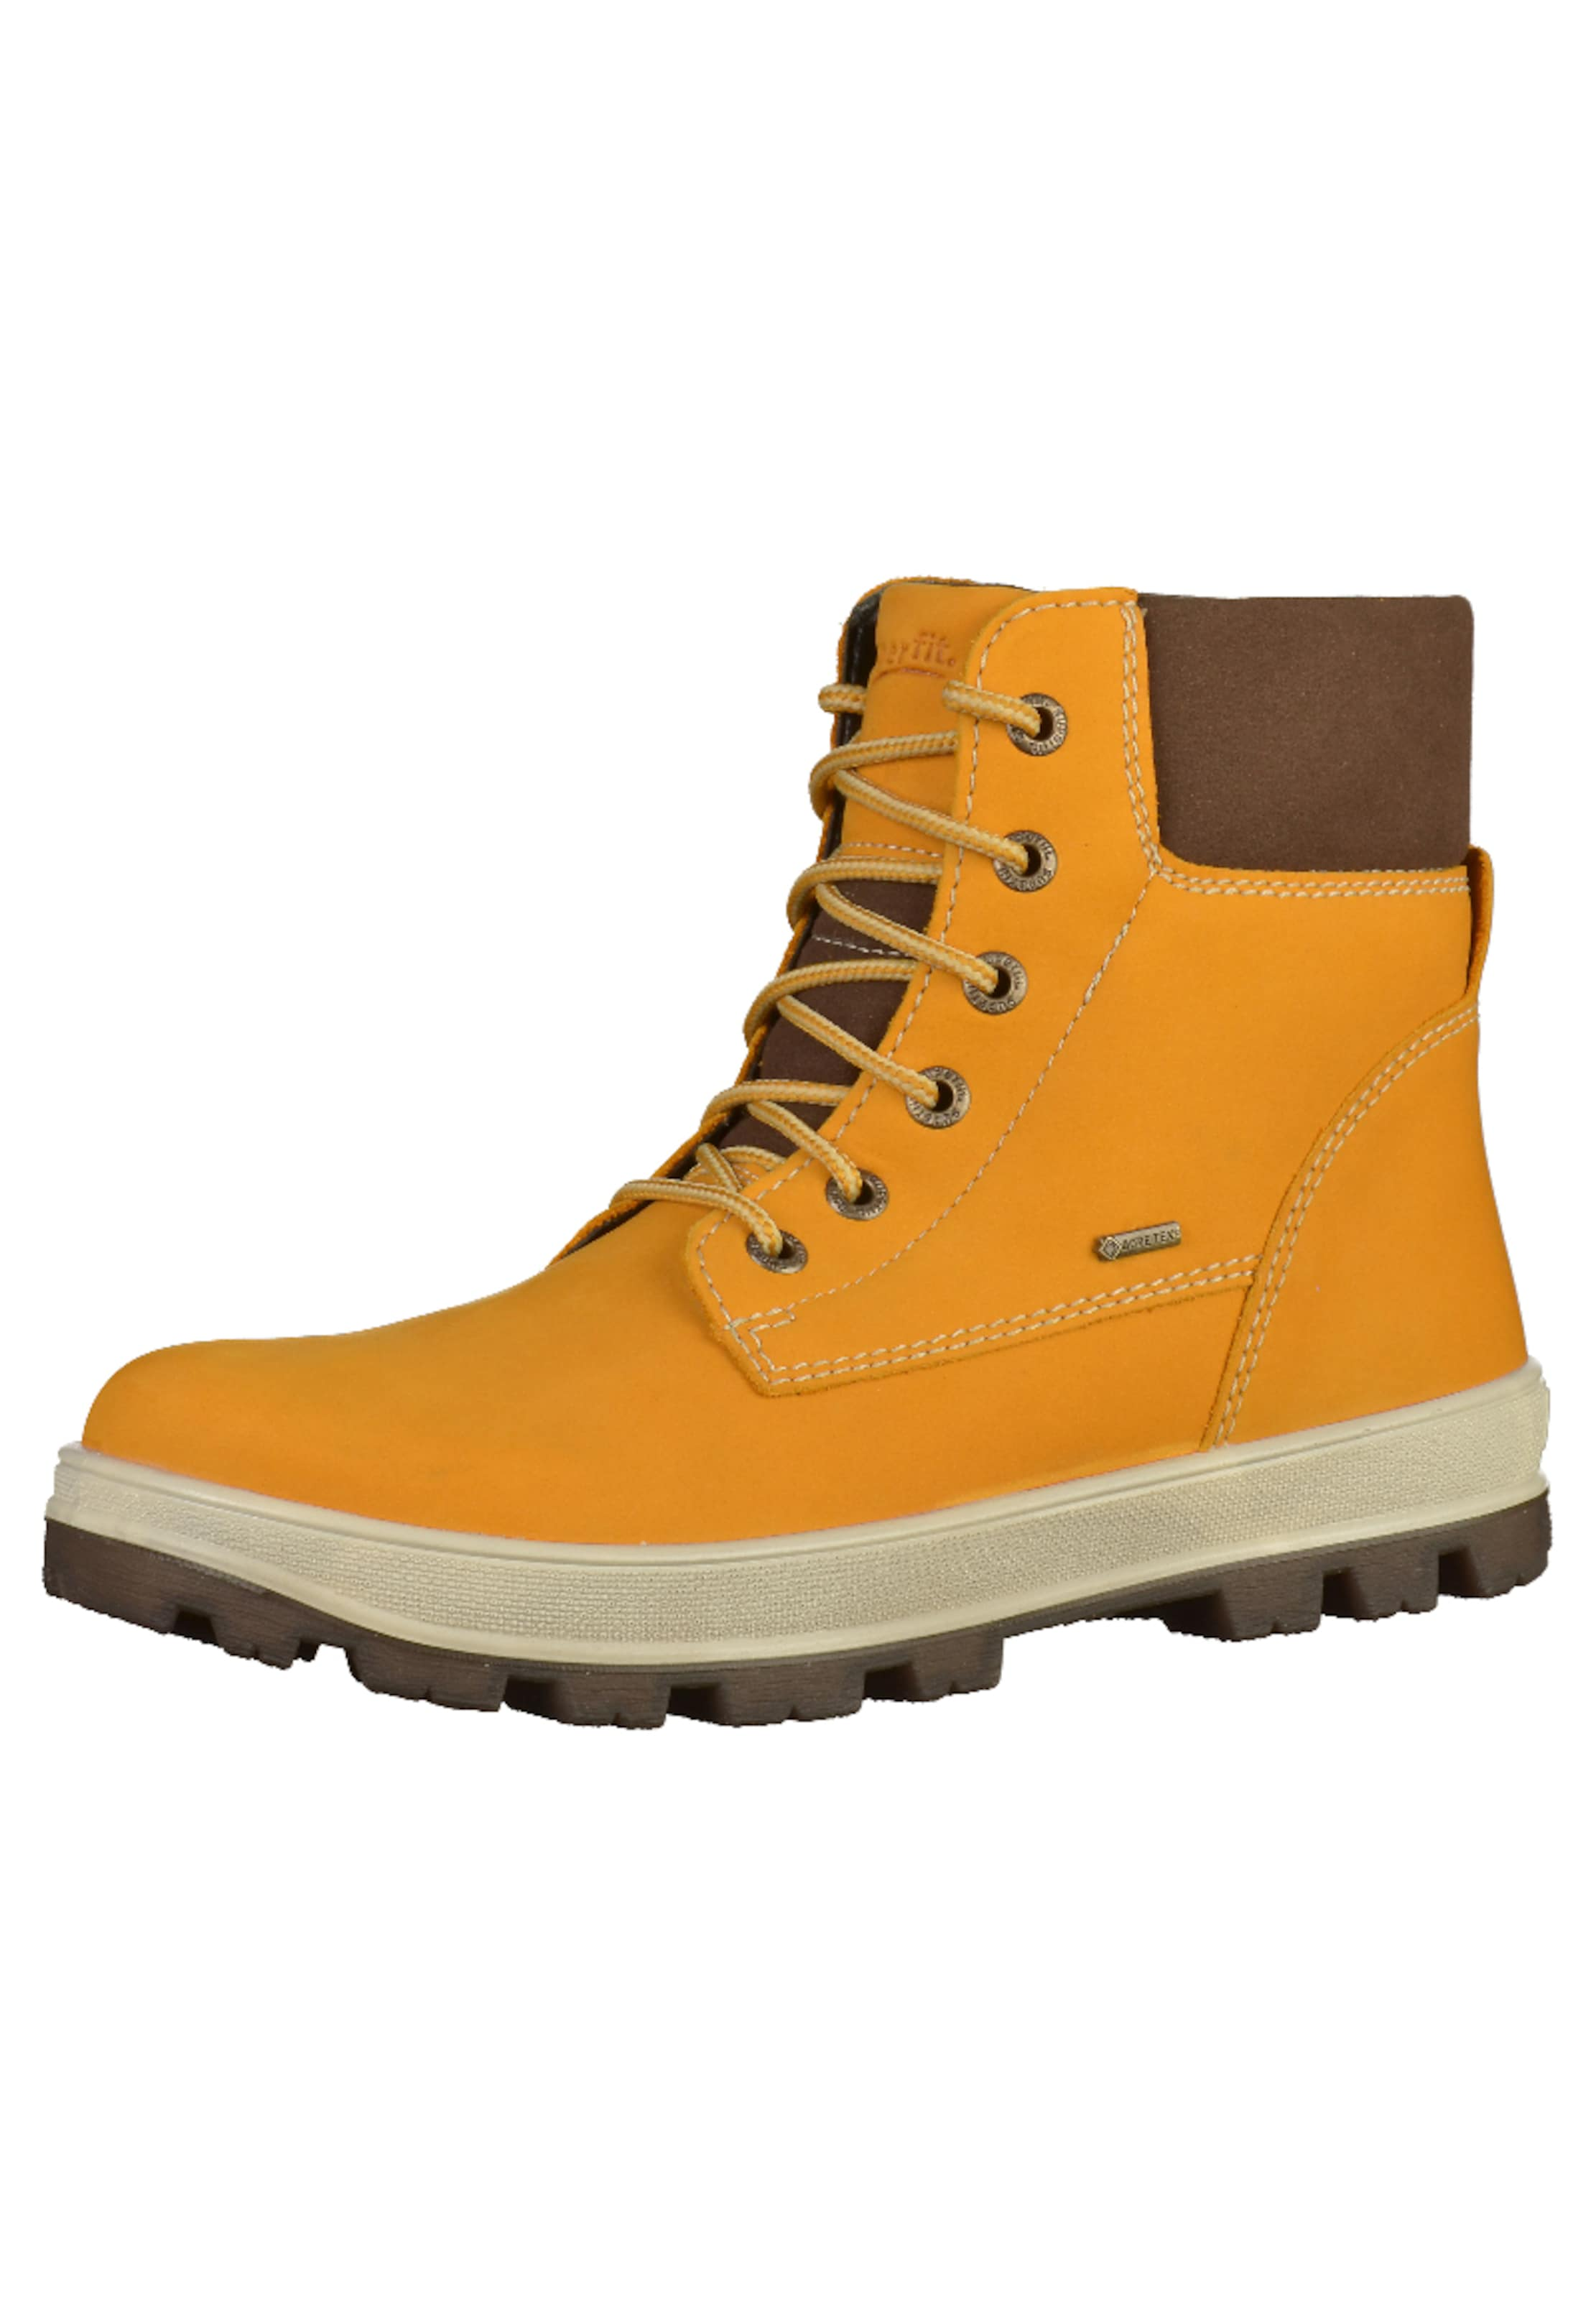 SUPERFIT Stiefelette Verschleißfeste billige Schuhe Hohe Qualität